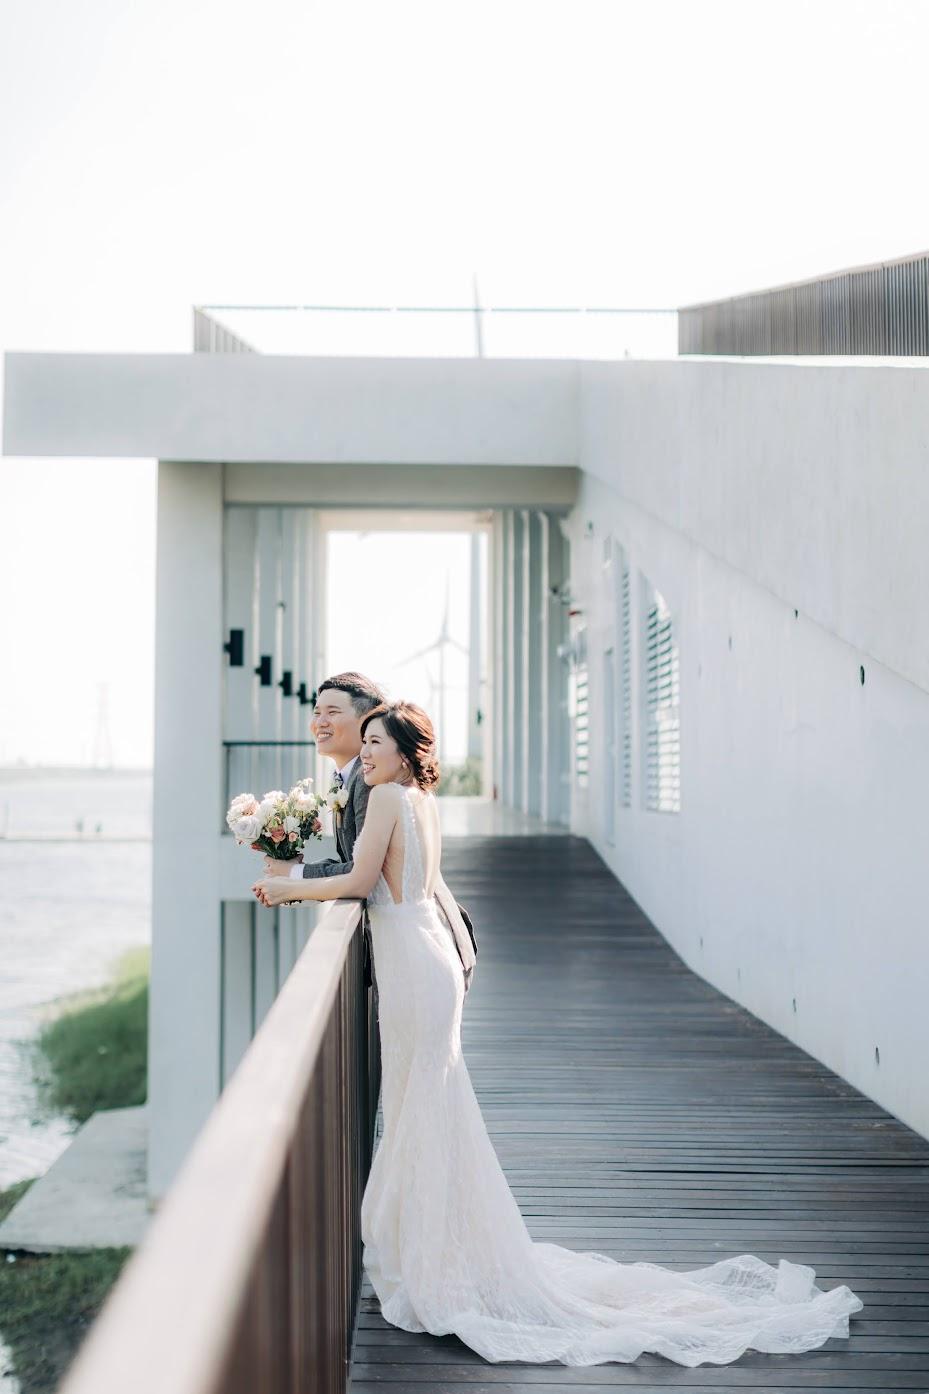 生活感婚紗 | Pei + Bowei Engagement | 生活感的美式逐光婚紗 生活感婚紗 / 日常 生活 寫真 / 美式婚紗婚禮 / 生活照 , 今年秋天,我們在搖籃婚紗 ,為Pei&Bowei拍攝了這組 生活感 便服 婚紗 ,他們一起在廚房製作點心,拍攝相當順利。這是一次非常深刻的 日常 便服婚紗 寫真 拍攝經驗,而下午我們再前往彰濱海邊,為他們拍攝AG專屬的 逐光 美式 婚紗。